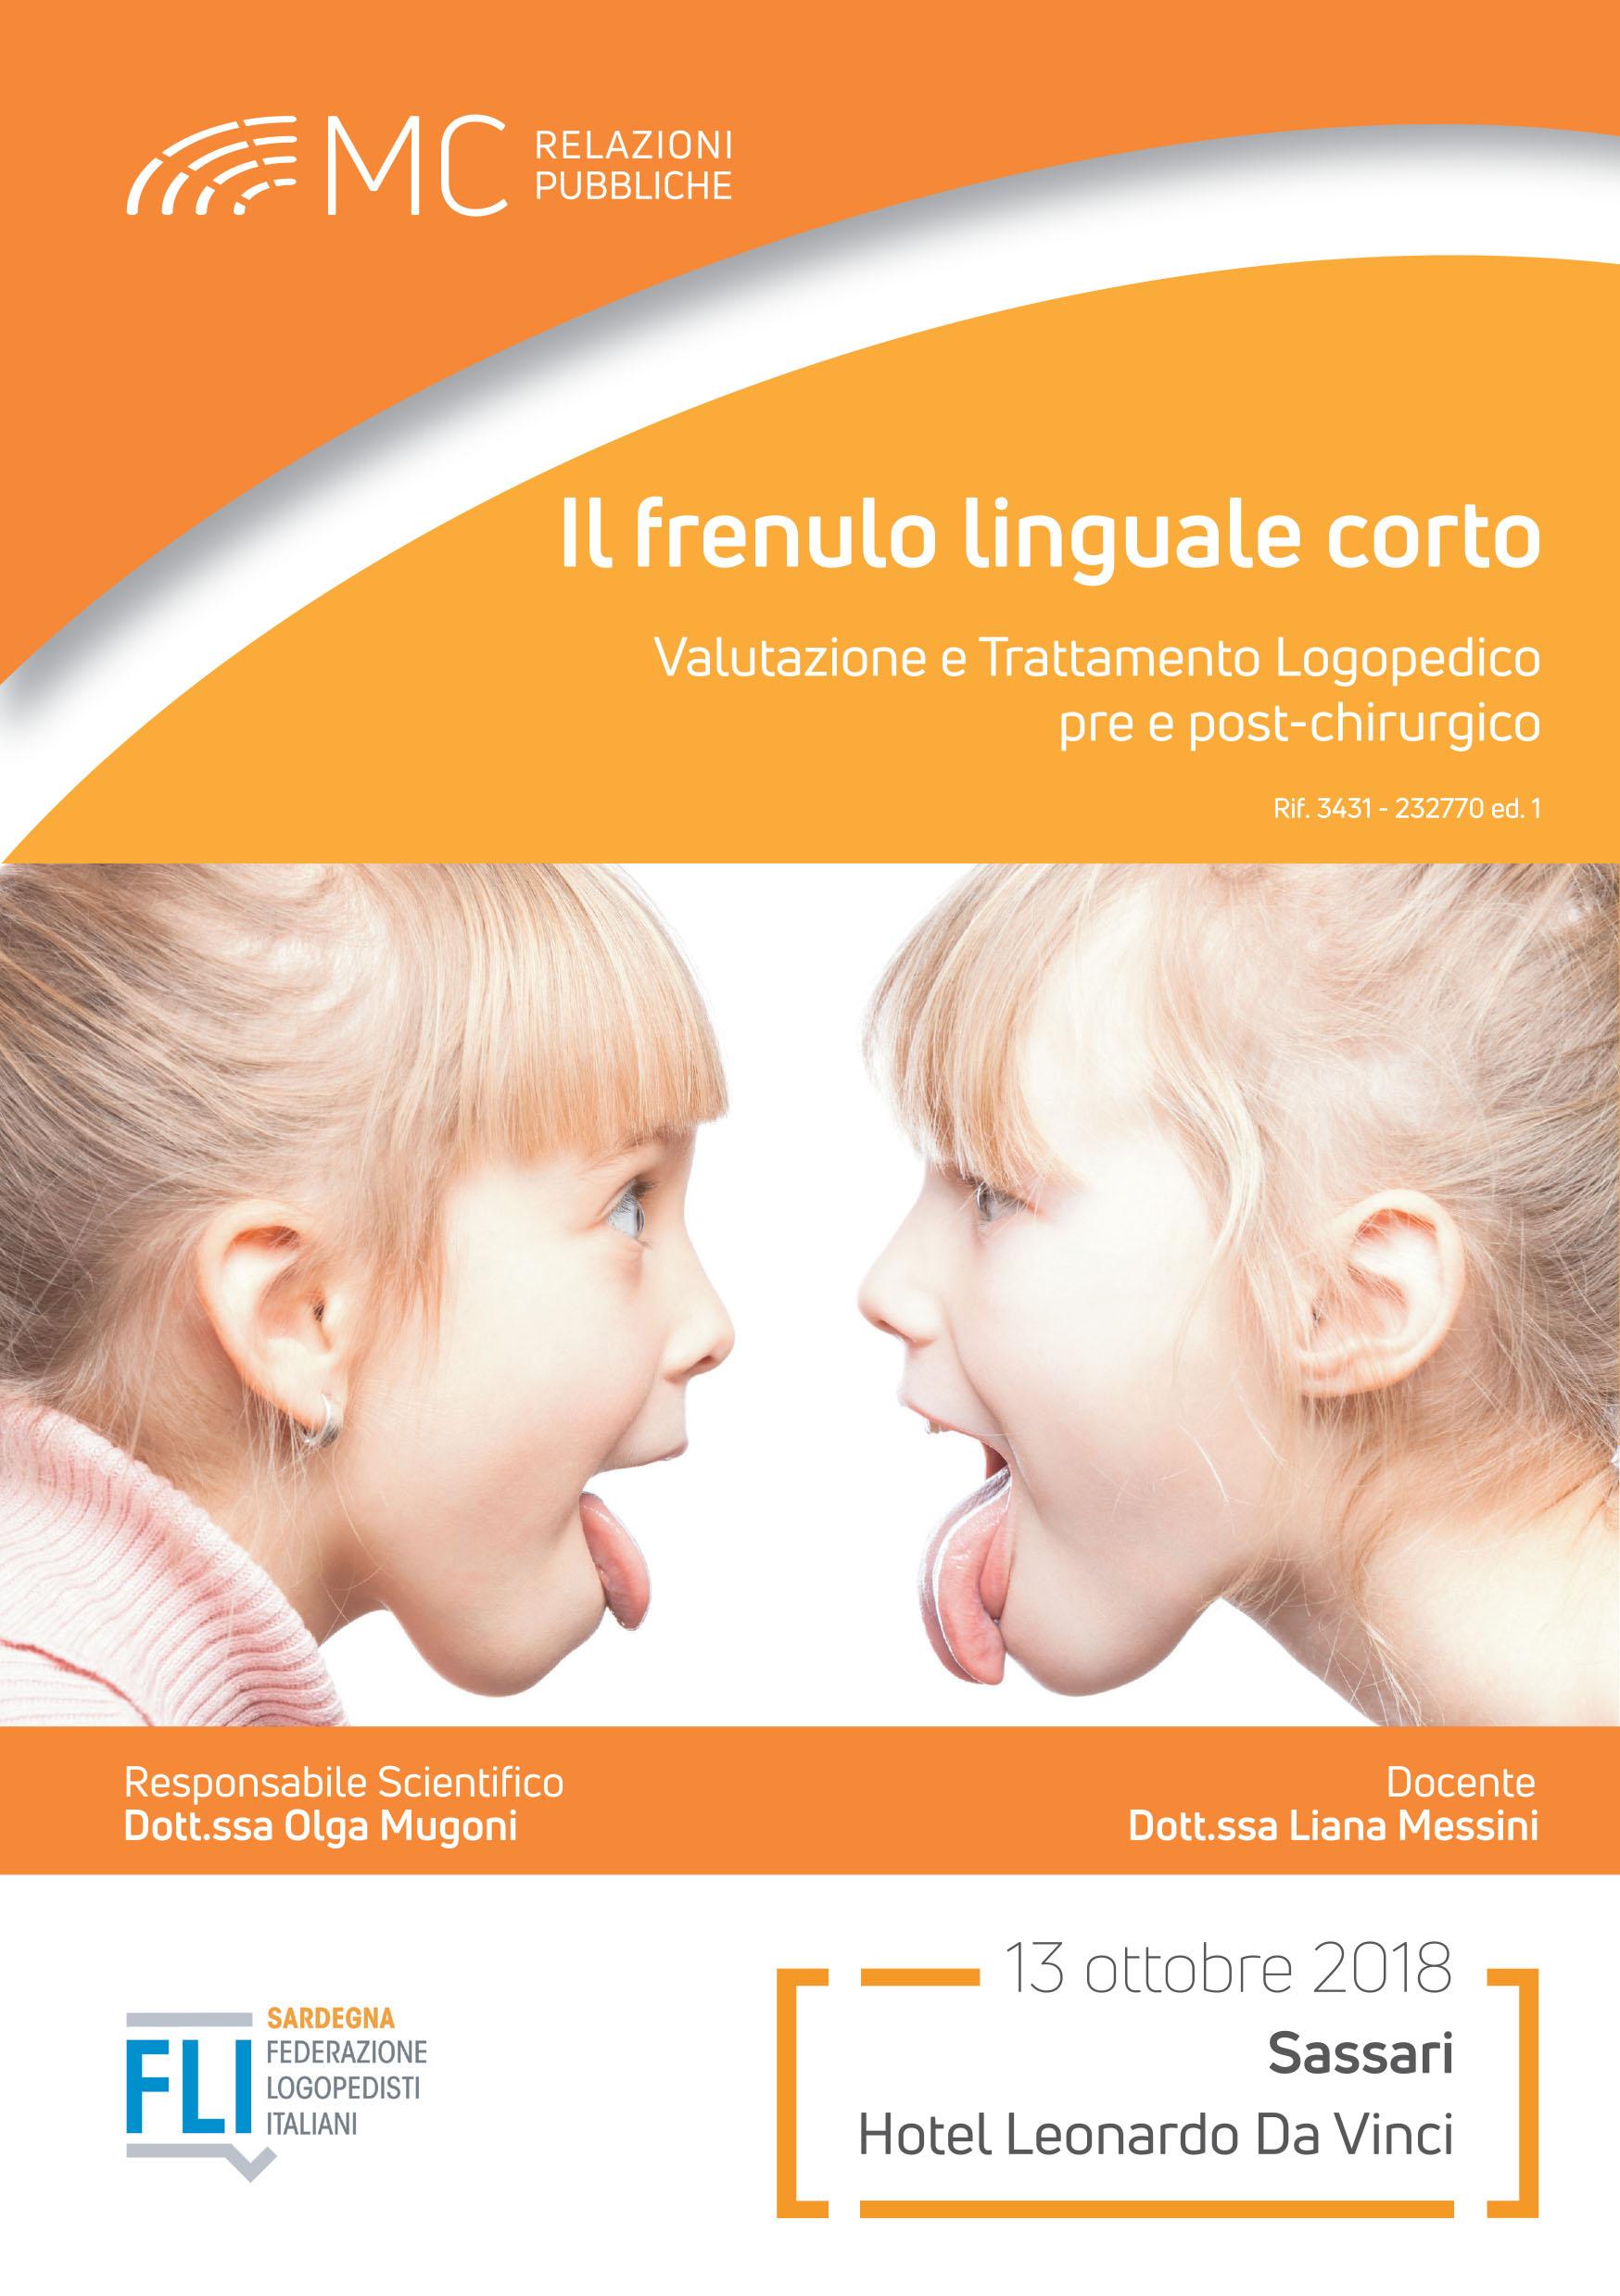 IL FRENULO LINGUALE CORTO - Valutazione e Trattamento Logopedico pre e post-chirurgico